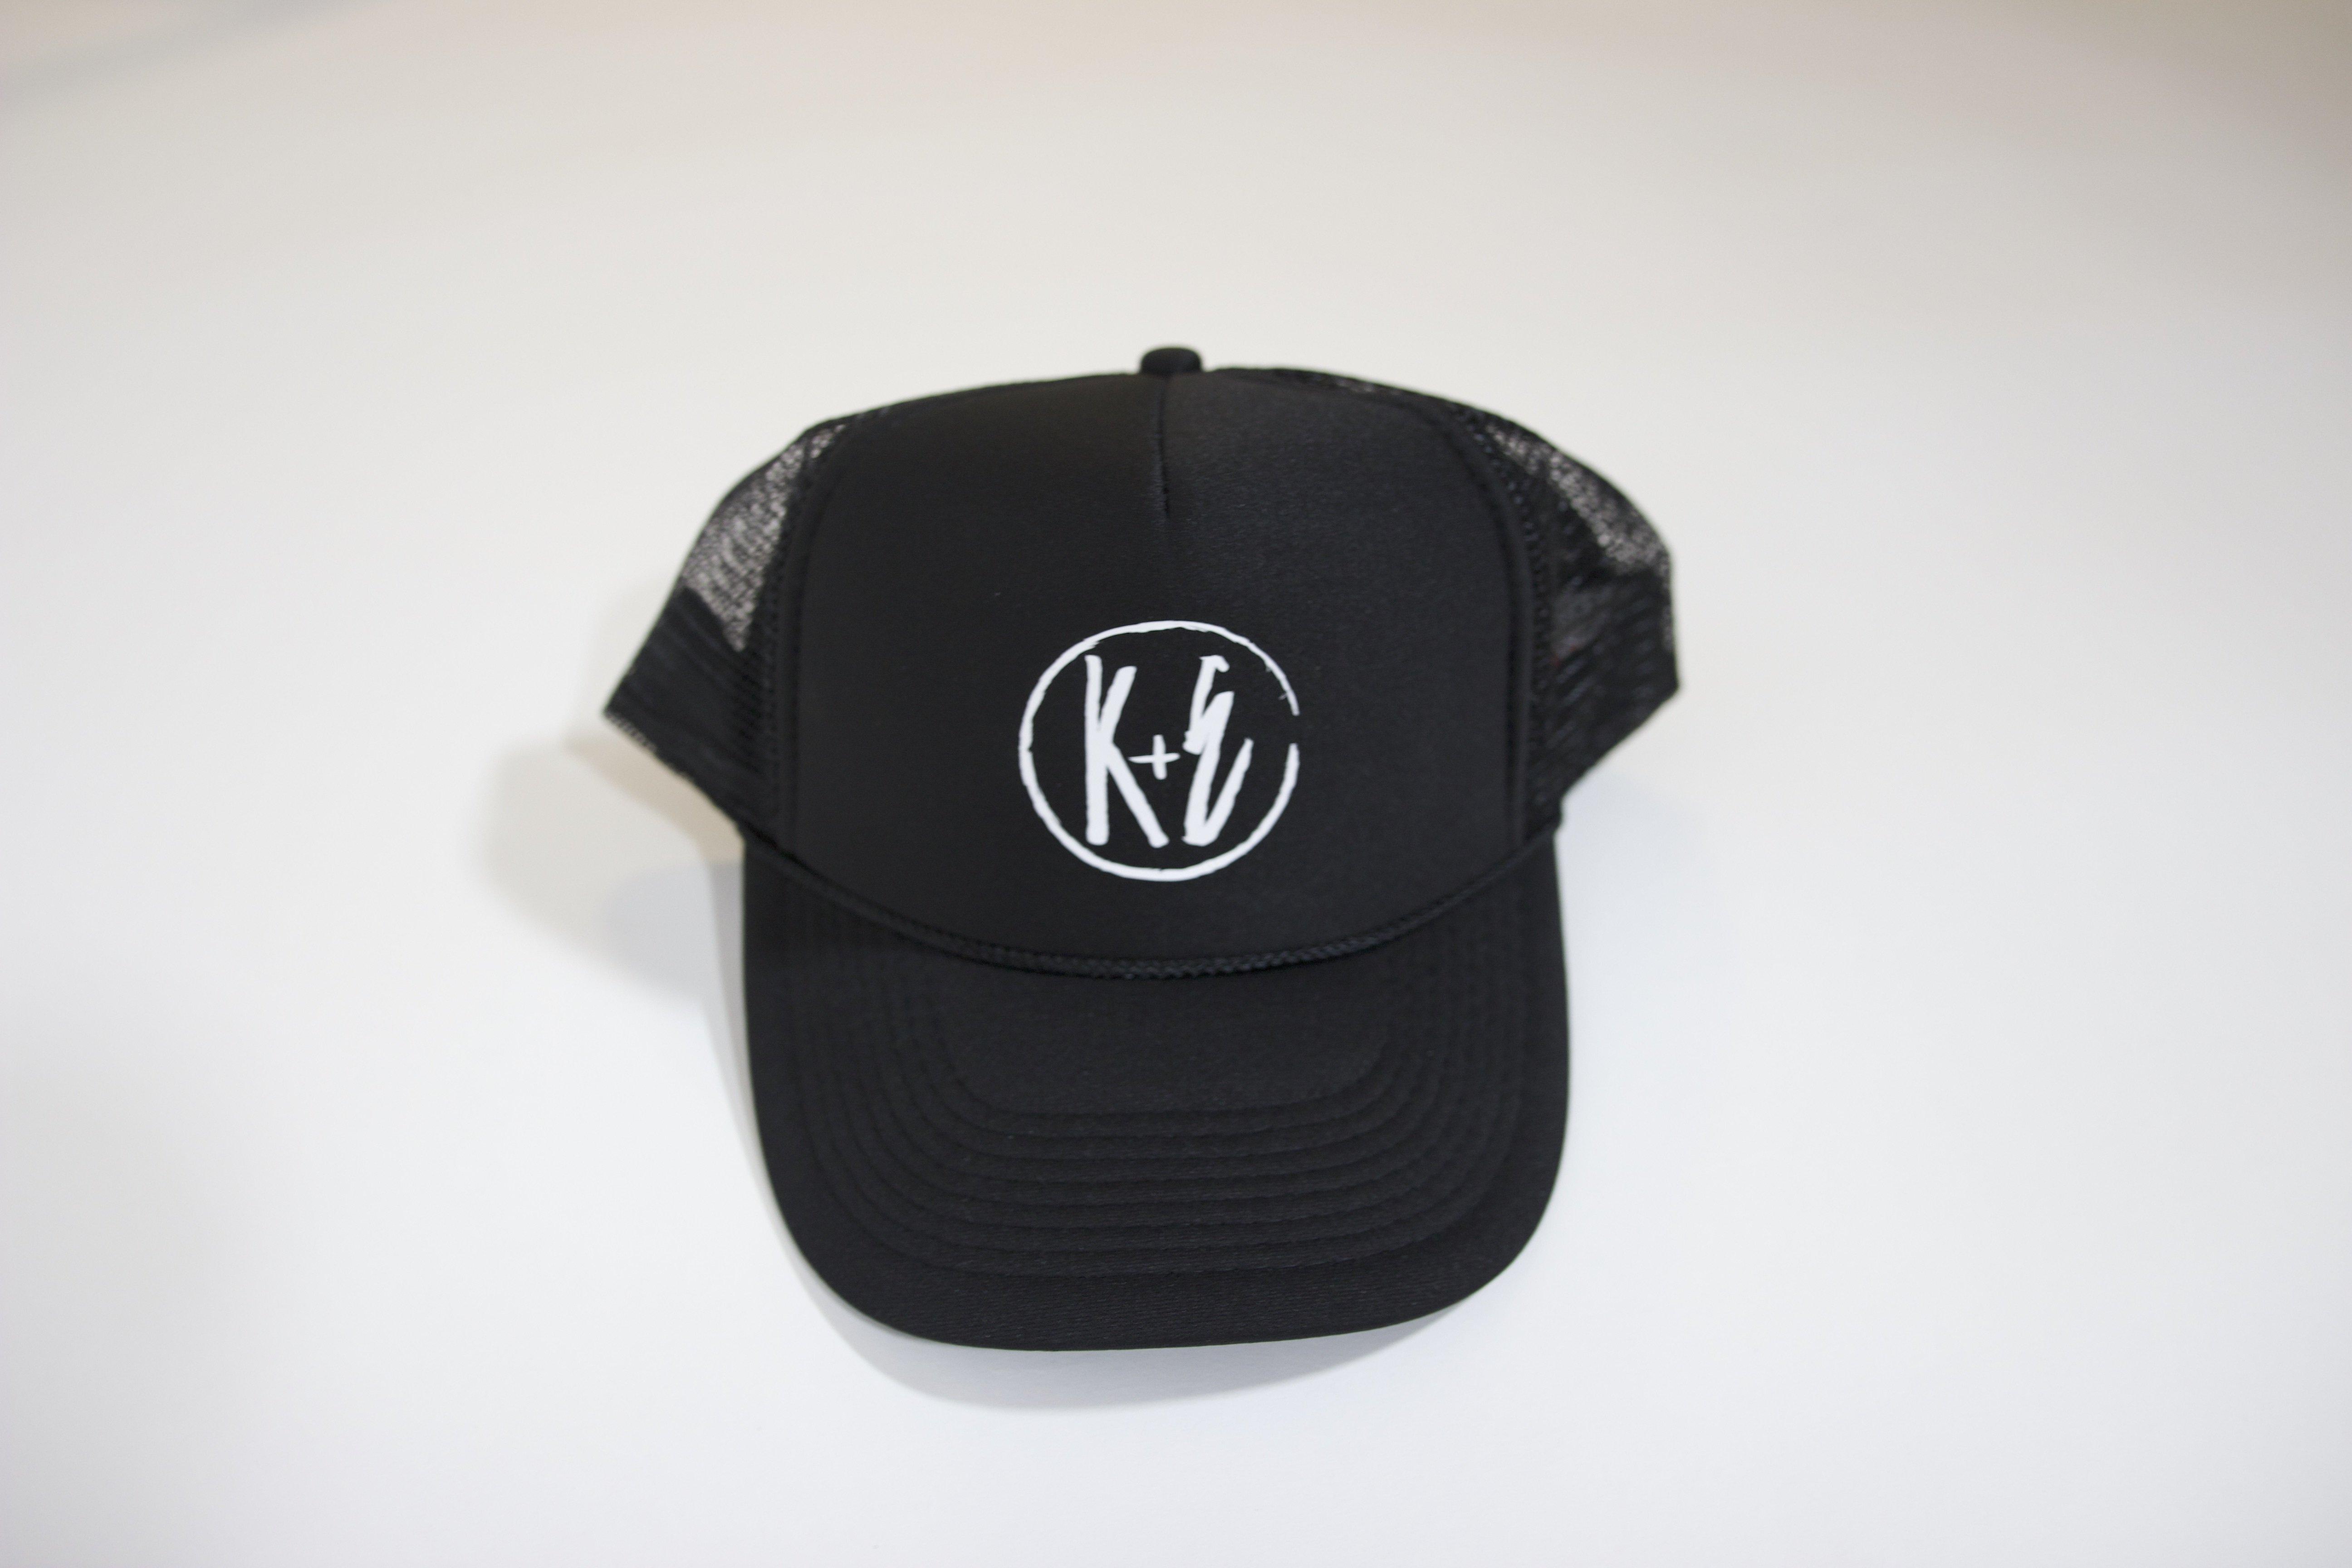 K + E Logo Hats 00005